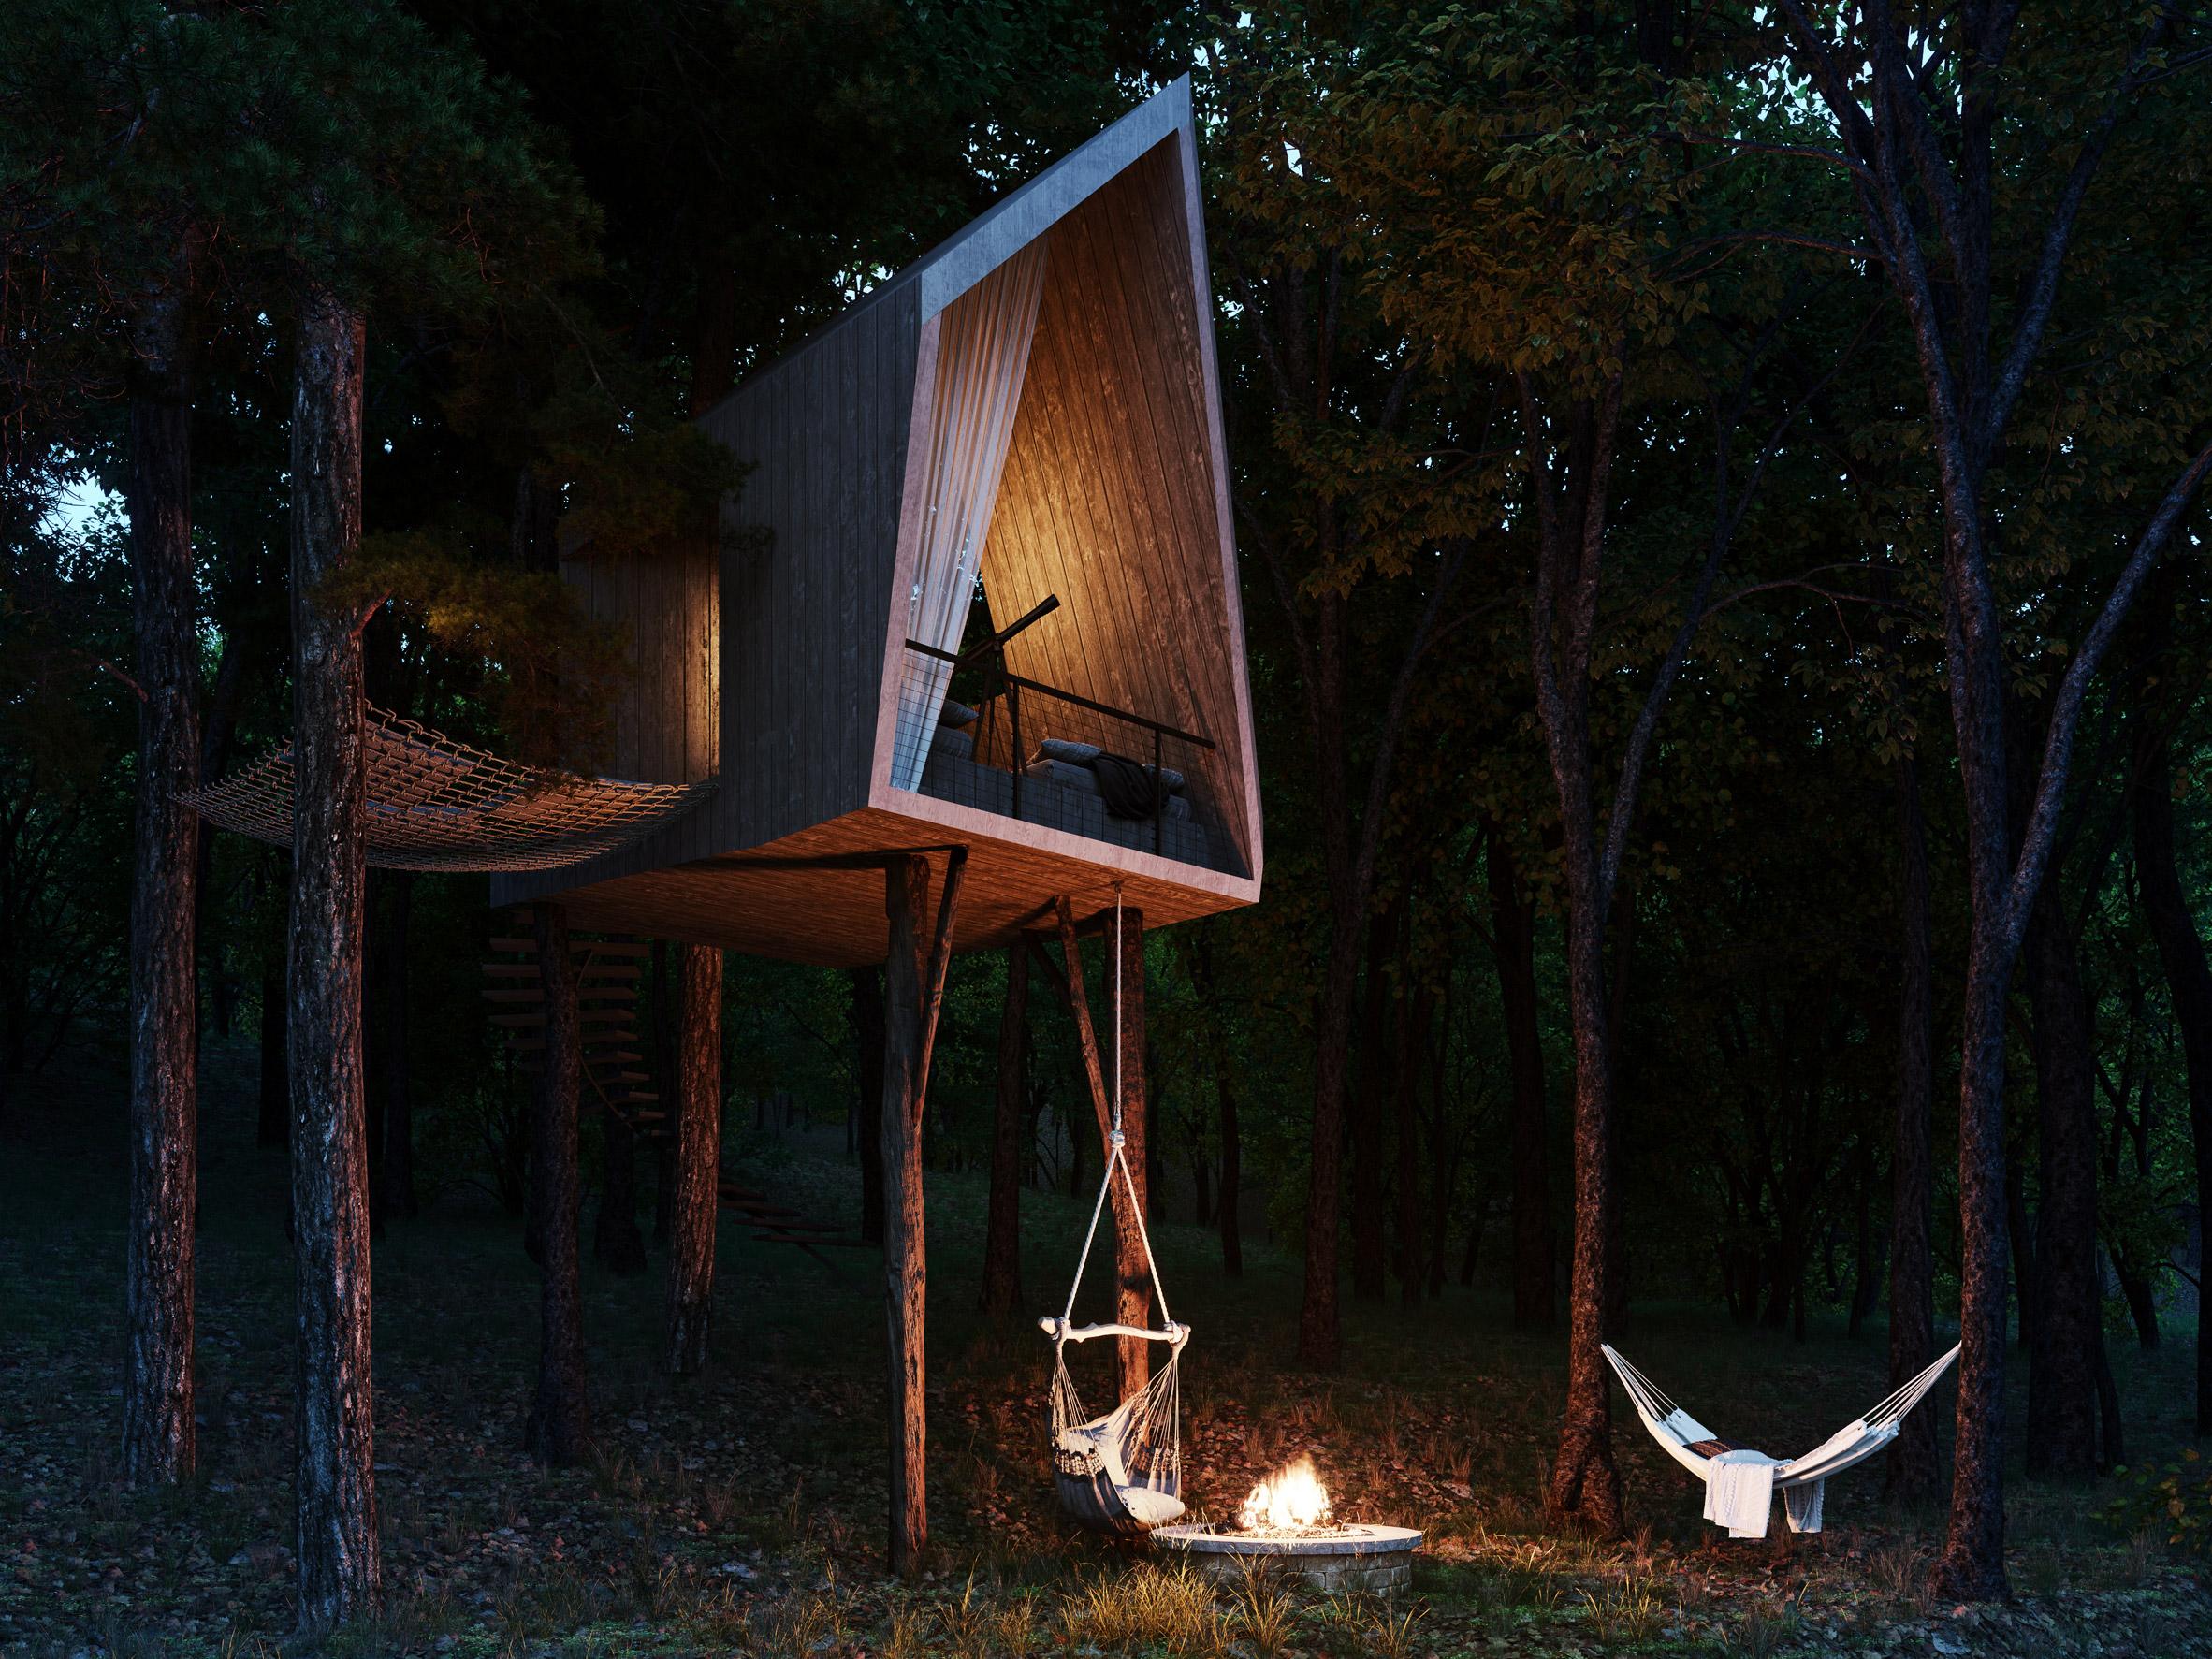 Diseño de la casa en árbol / S3 Architecture/Corcoran Country Living